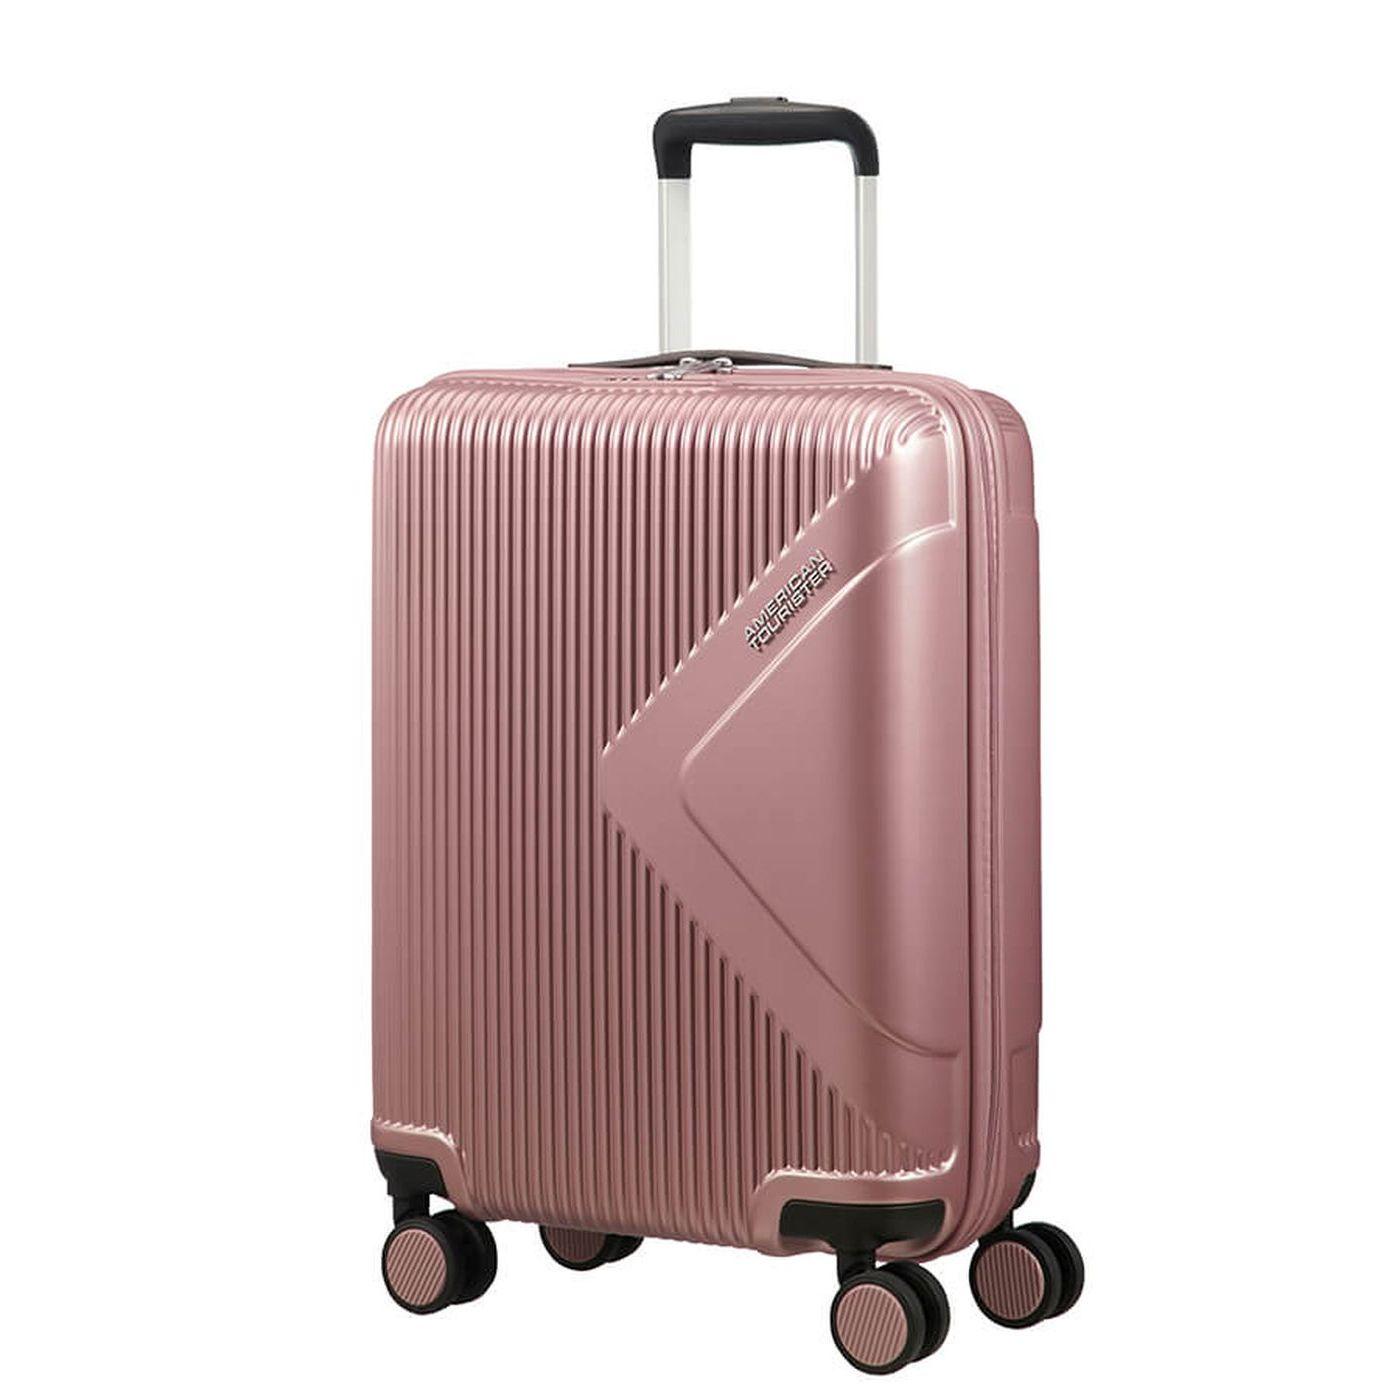 4bd0fbaea088c Cestovný kufor American Tourister Modern Dream Spinner 55 55G*001 zväčšiť  obrázok